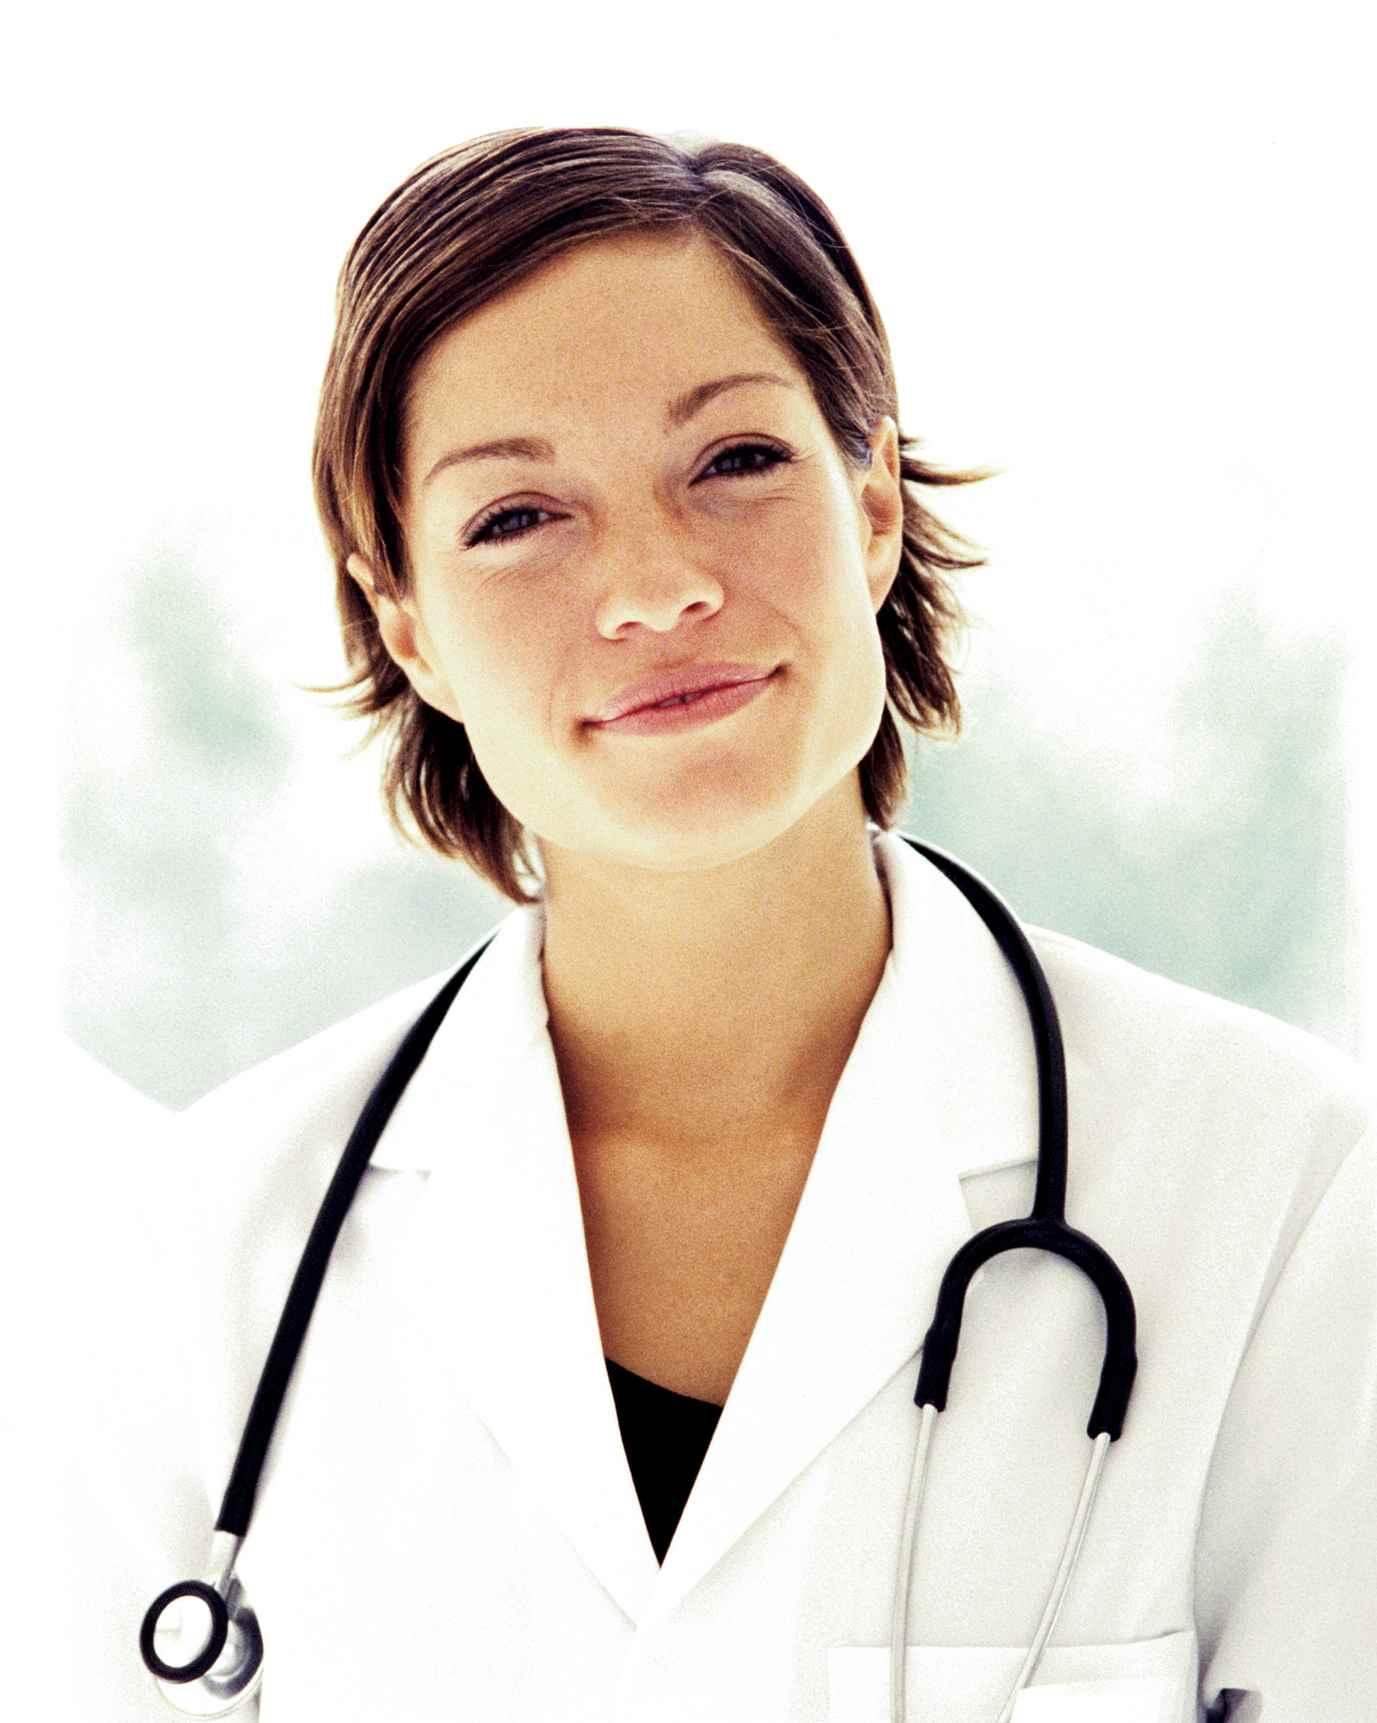 صور قصتي مع الطبيب , قصص مع طبيبى